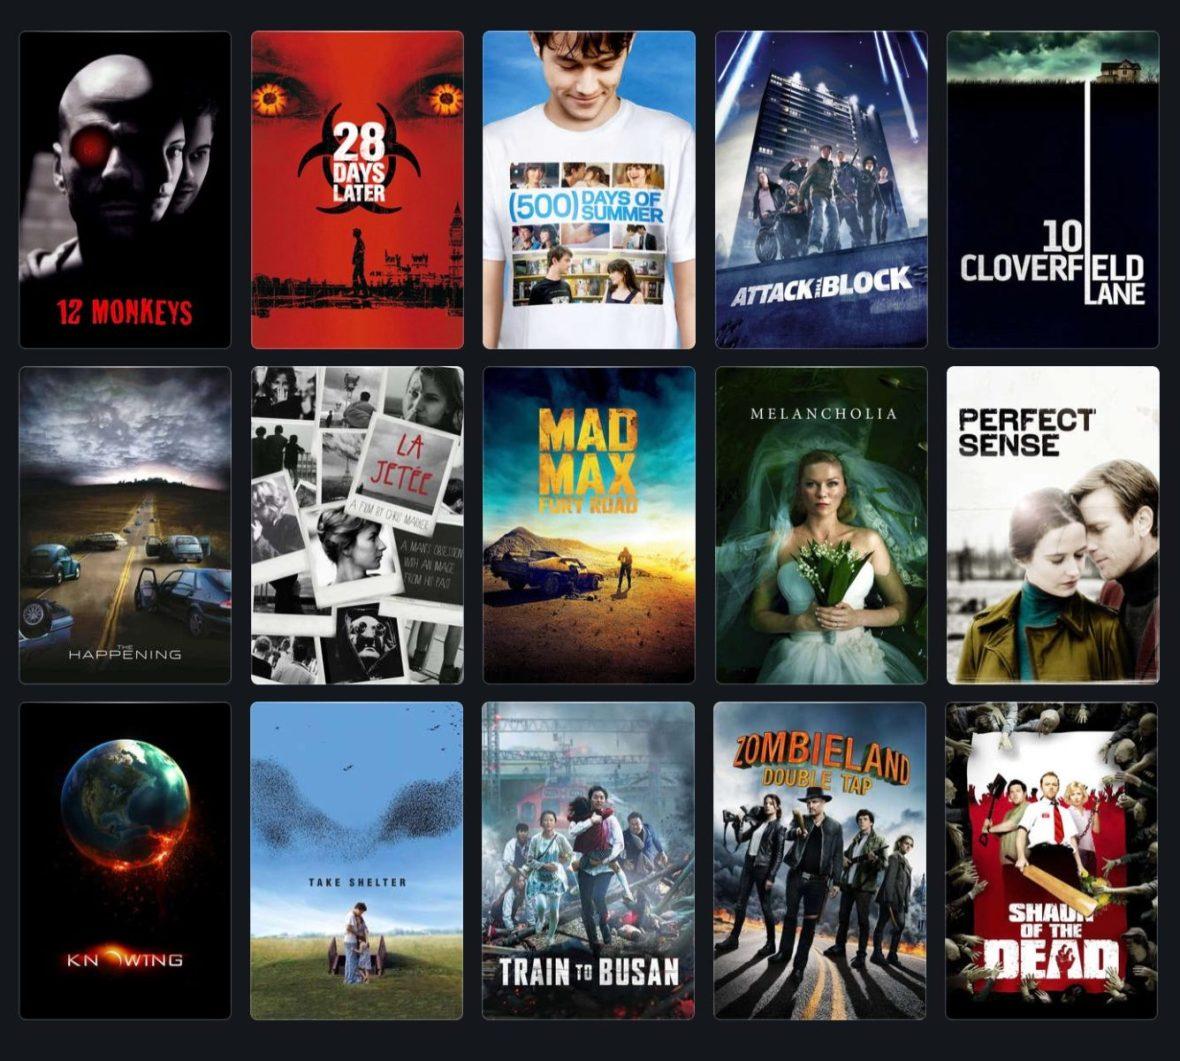 Películas apocalípticas que ver en streaming